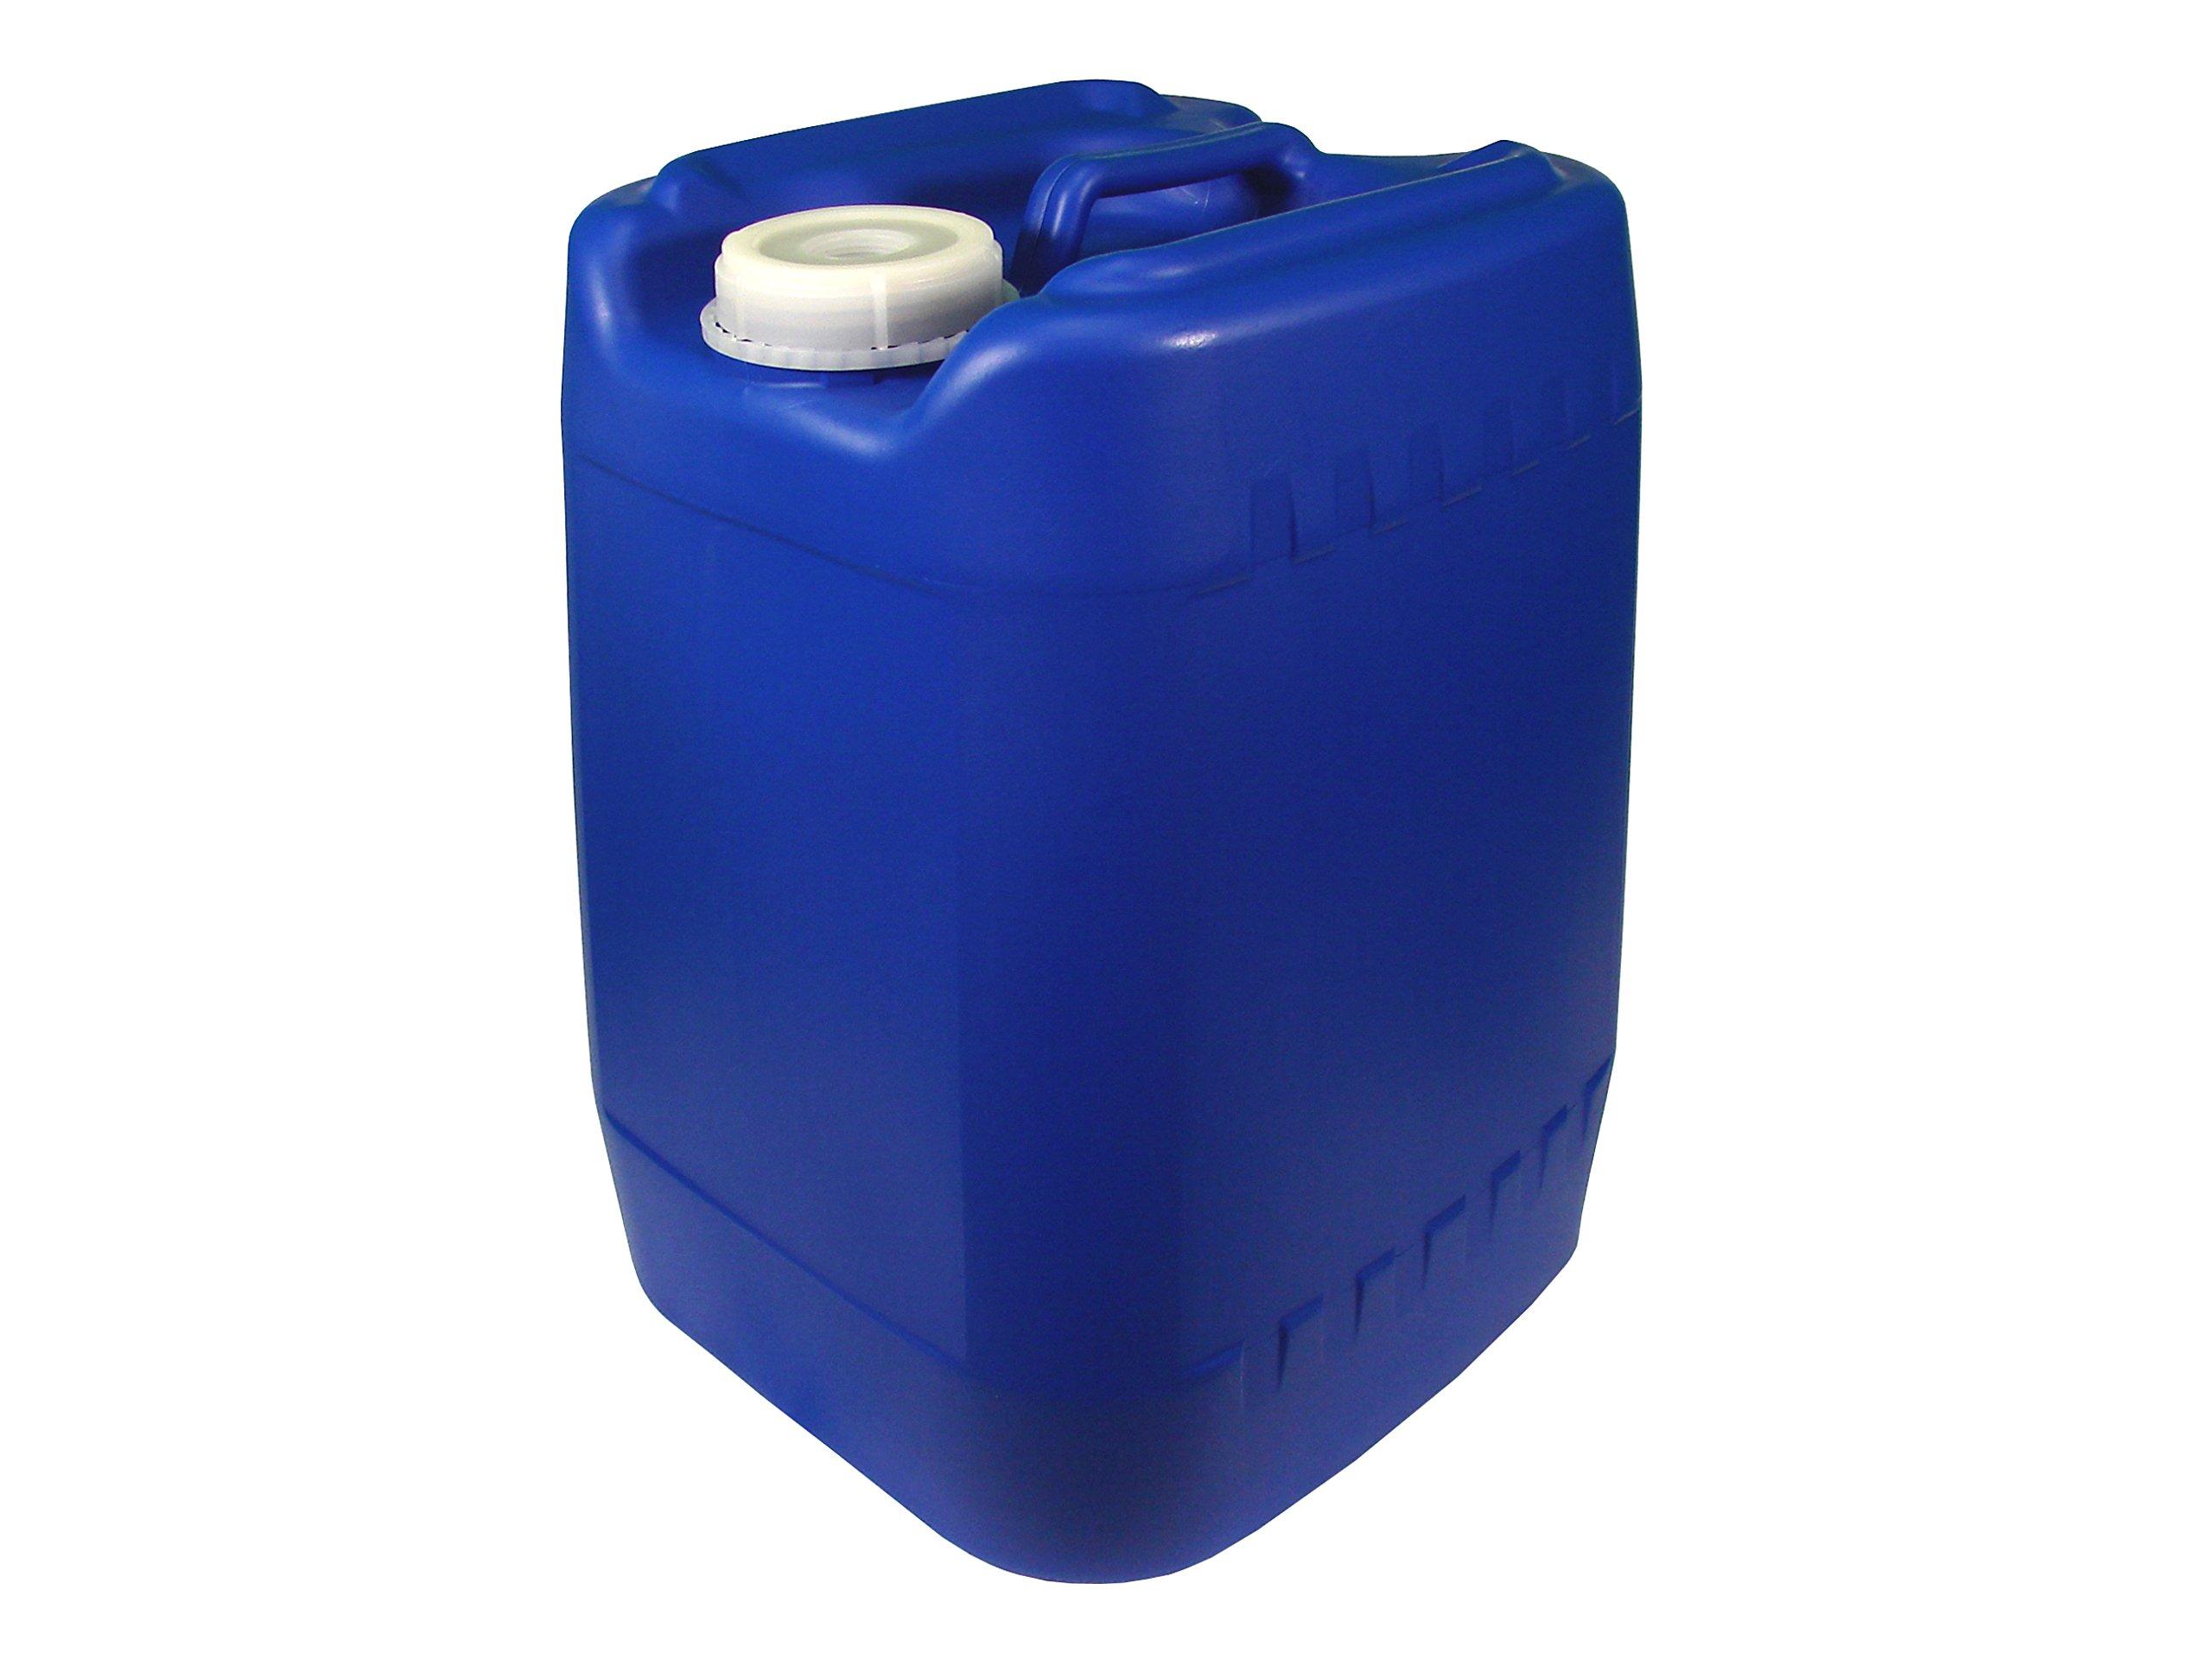 Poly Farm Stackable Water Storage Carboy, 5 gallon, Blue, Reusable Cap, Vent, Handle, Plastic